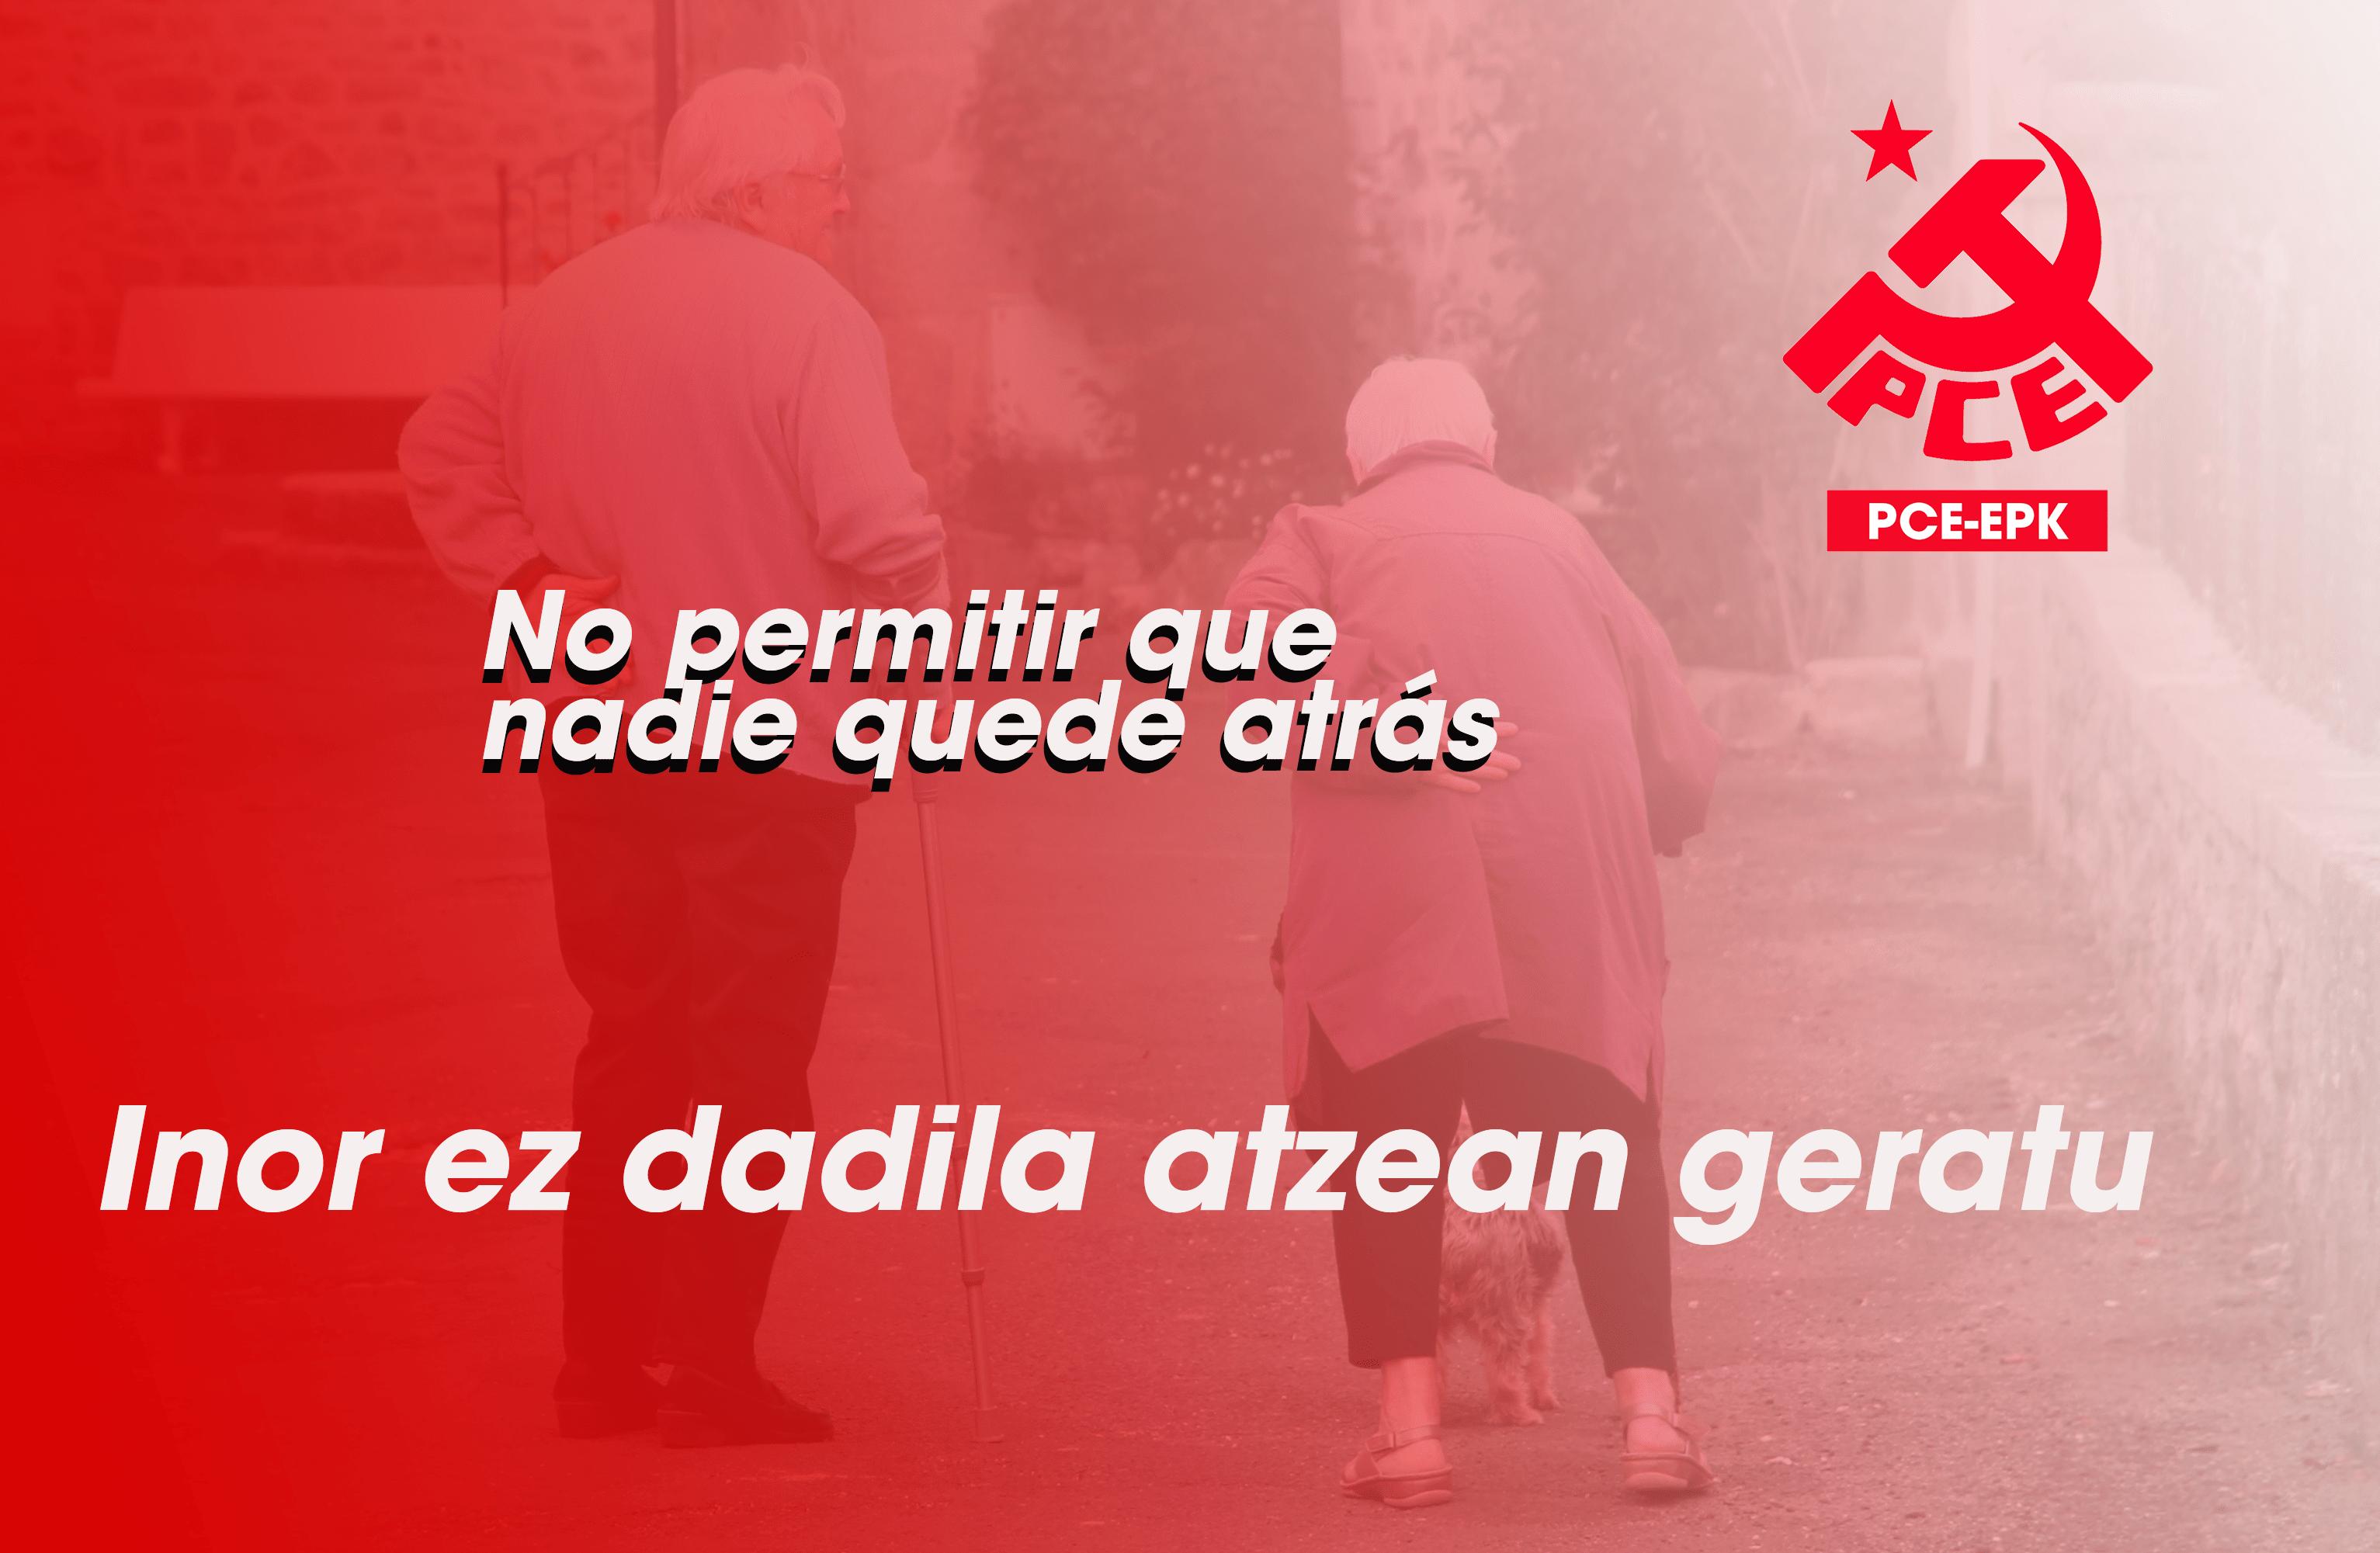 El Partido Comunista de Euskadi-EPK pide a los Gobiernos Vasco y Navarro que pongan en marcha un plan especial para atender las necesidades de cuidados en el actual estado de Alarma.